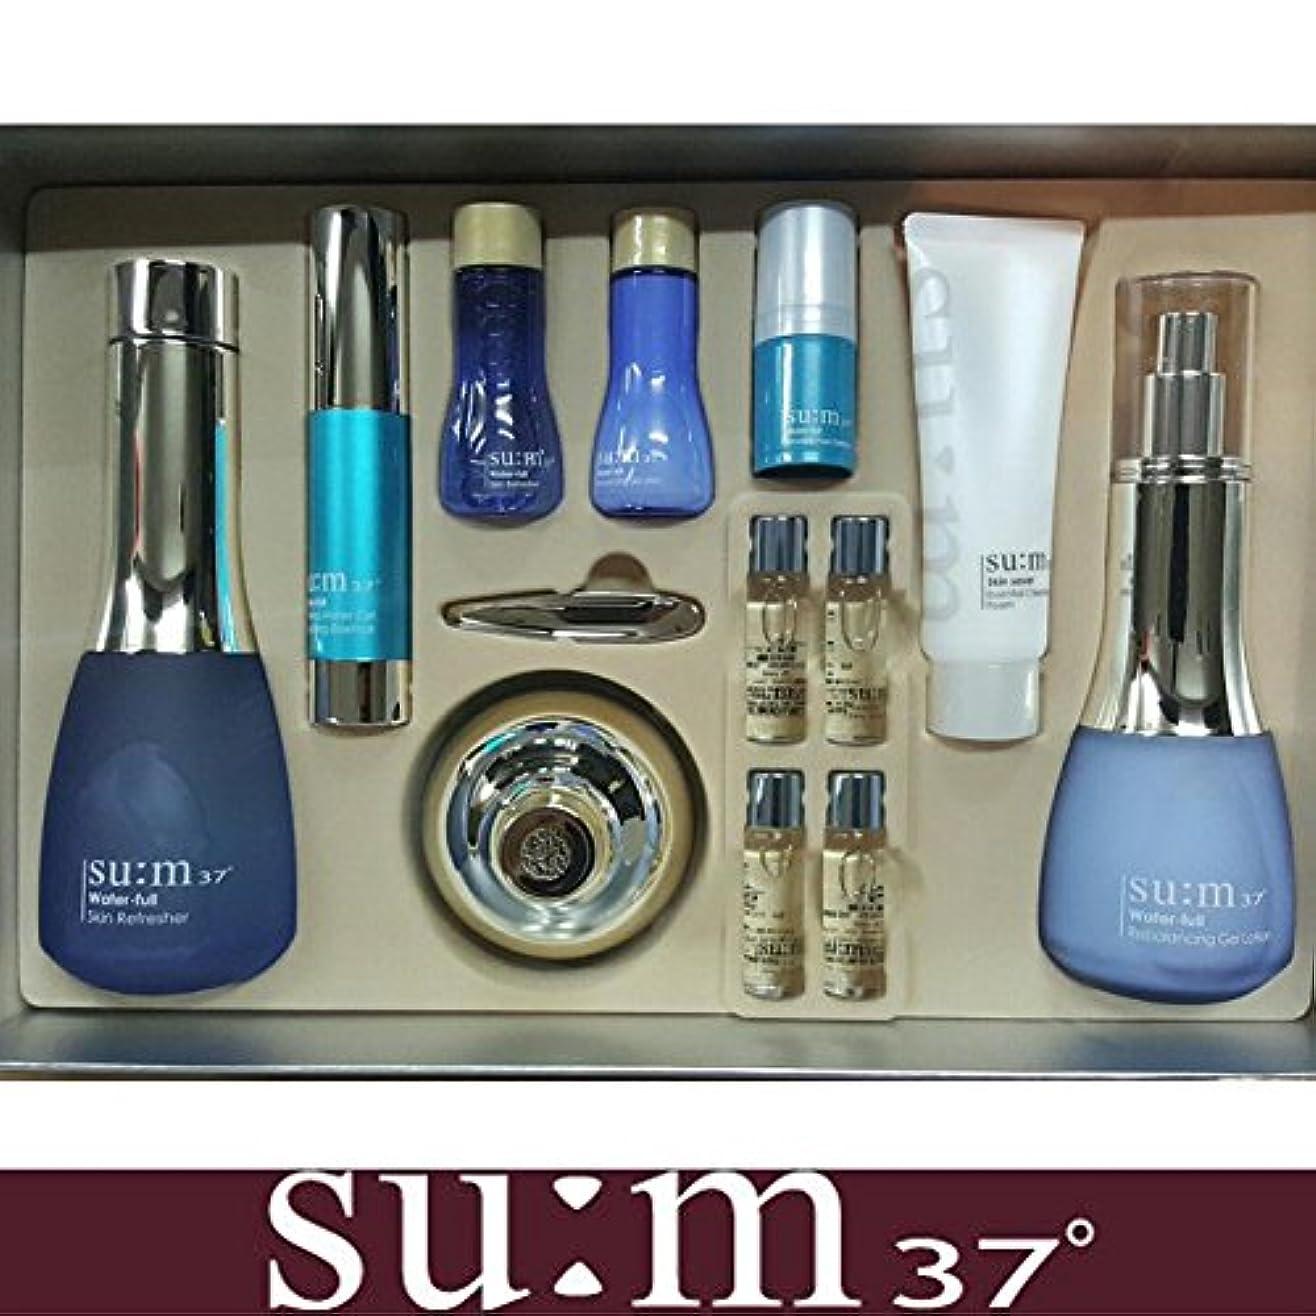 不公平買い手不公平[su:m37/スム37°] SUM37 WATER FULL Special Set/ sum37 スム37 ウォーターフル 3種企画セット+[Sample Gift](海外直送品)